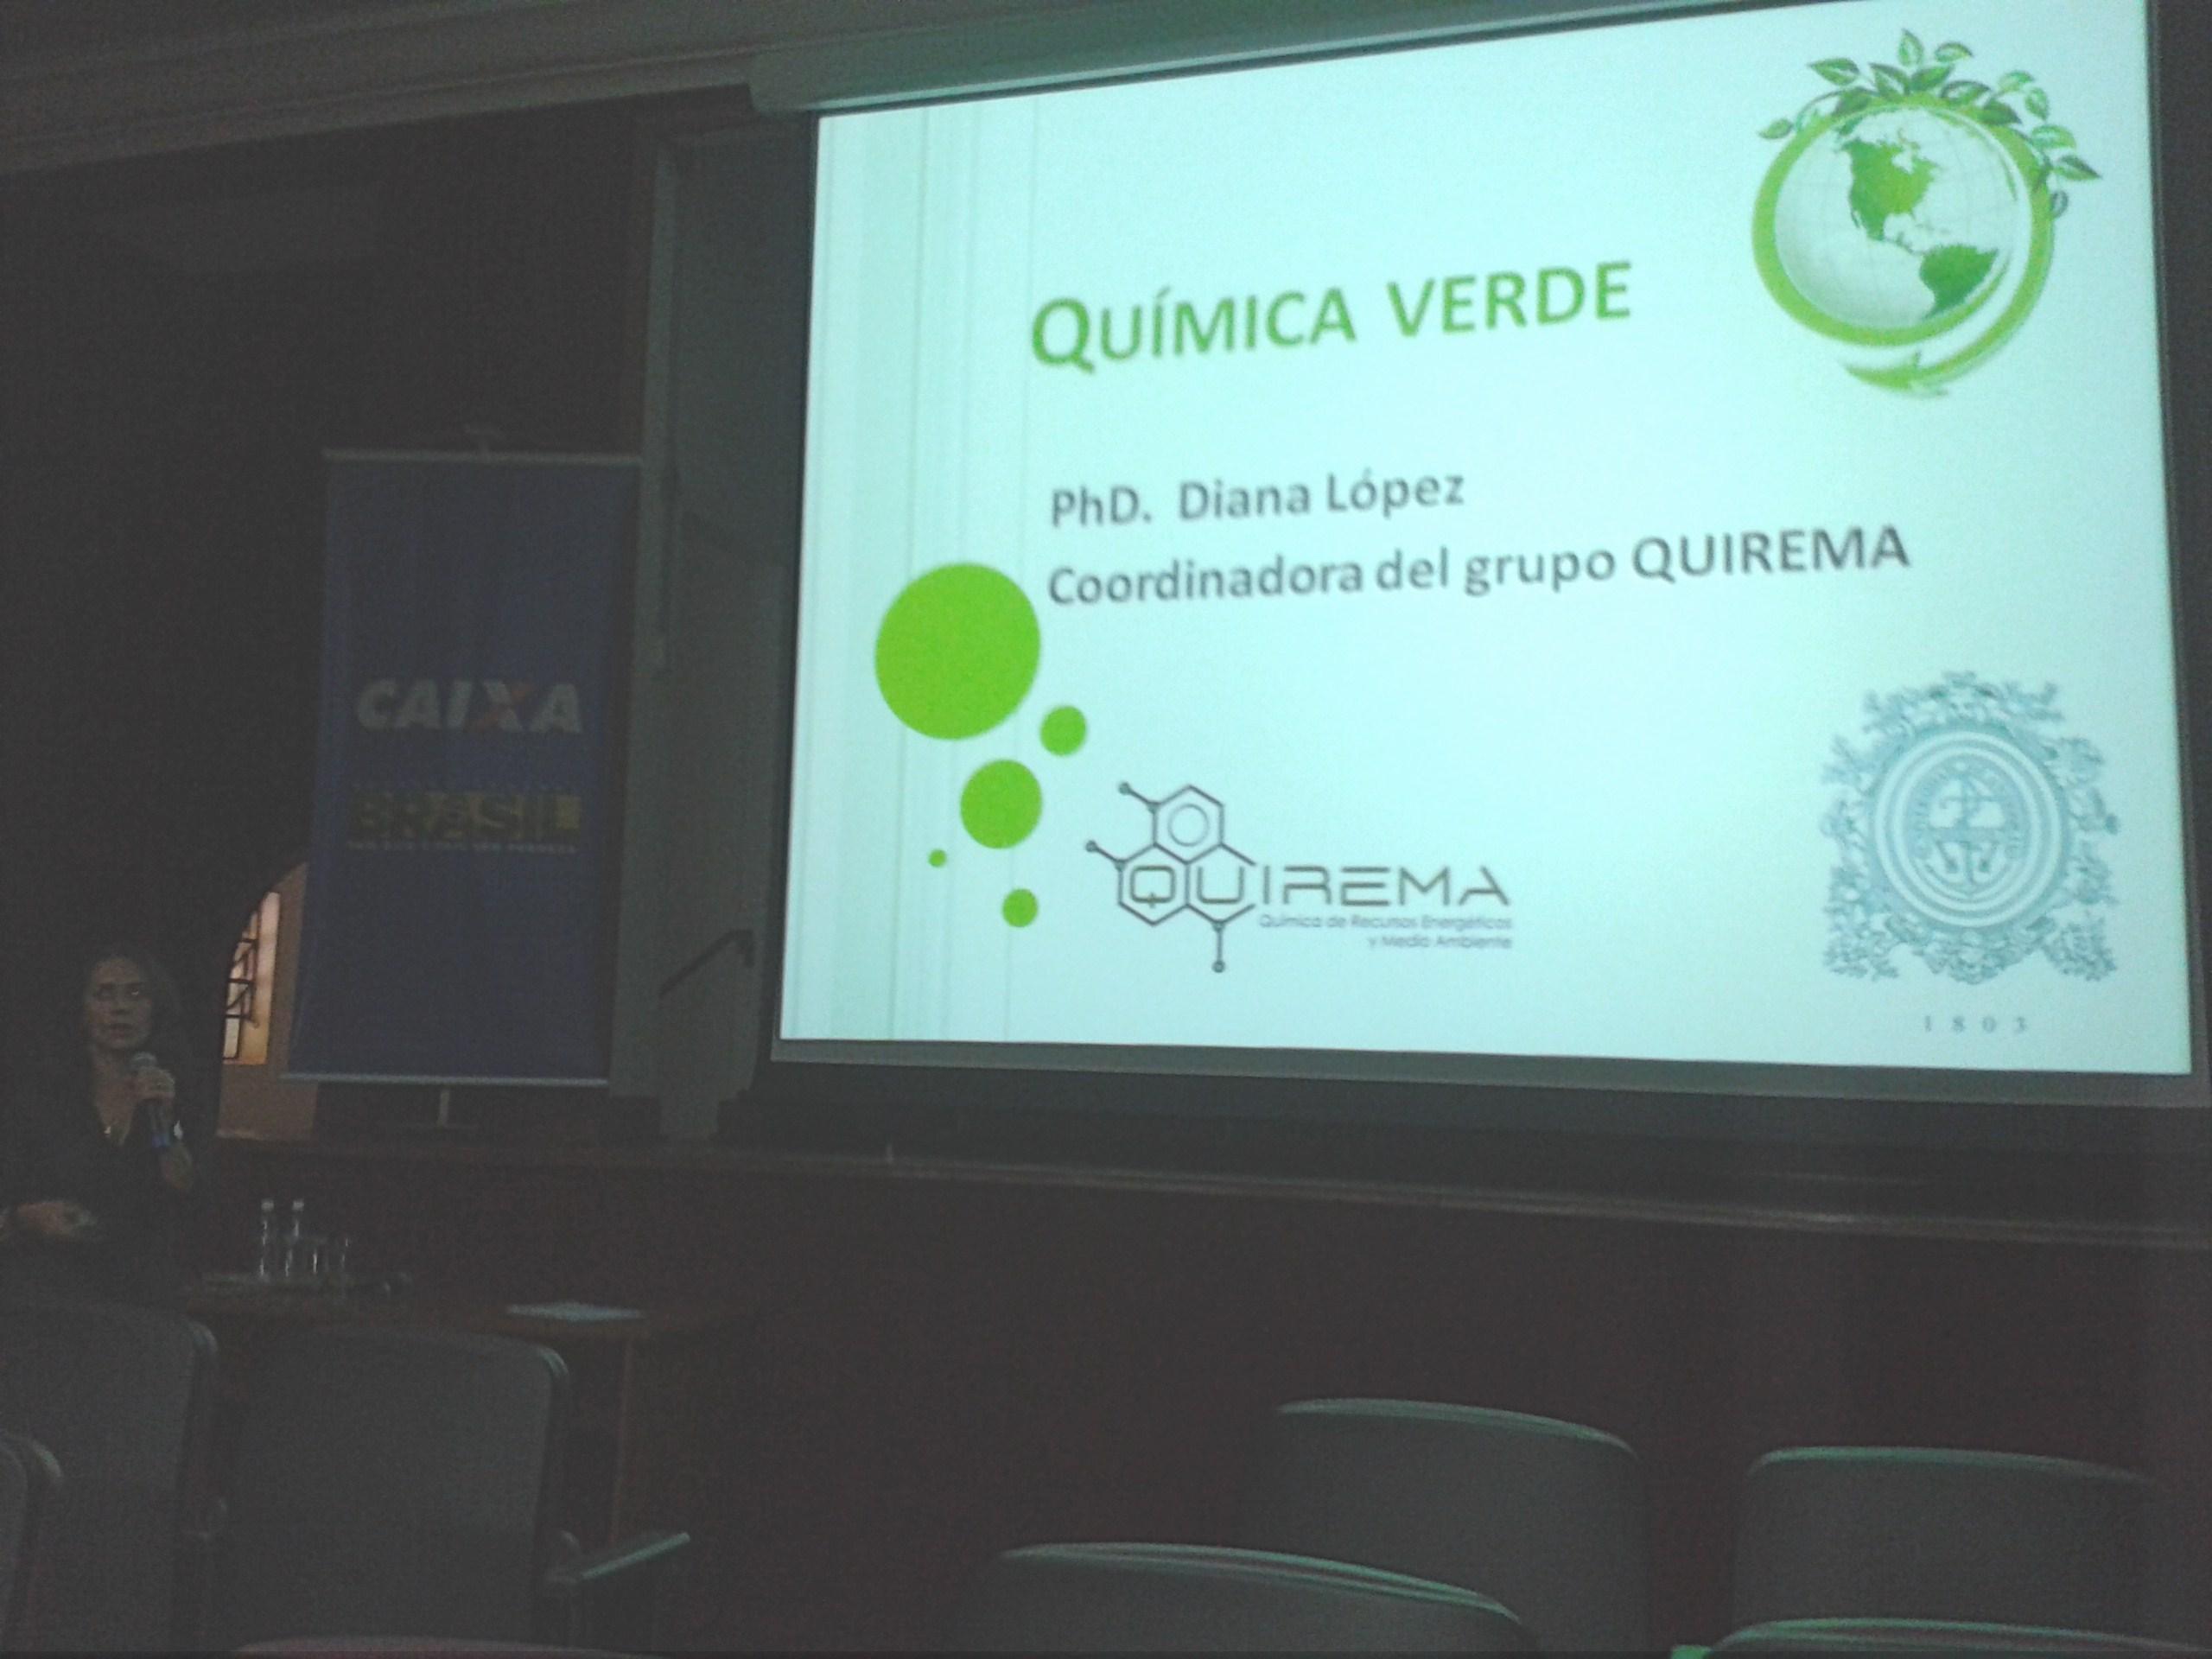 Professora Diana Lopes (Universidade de Antioquia, Colômbia). Foto: divulgação.